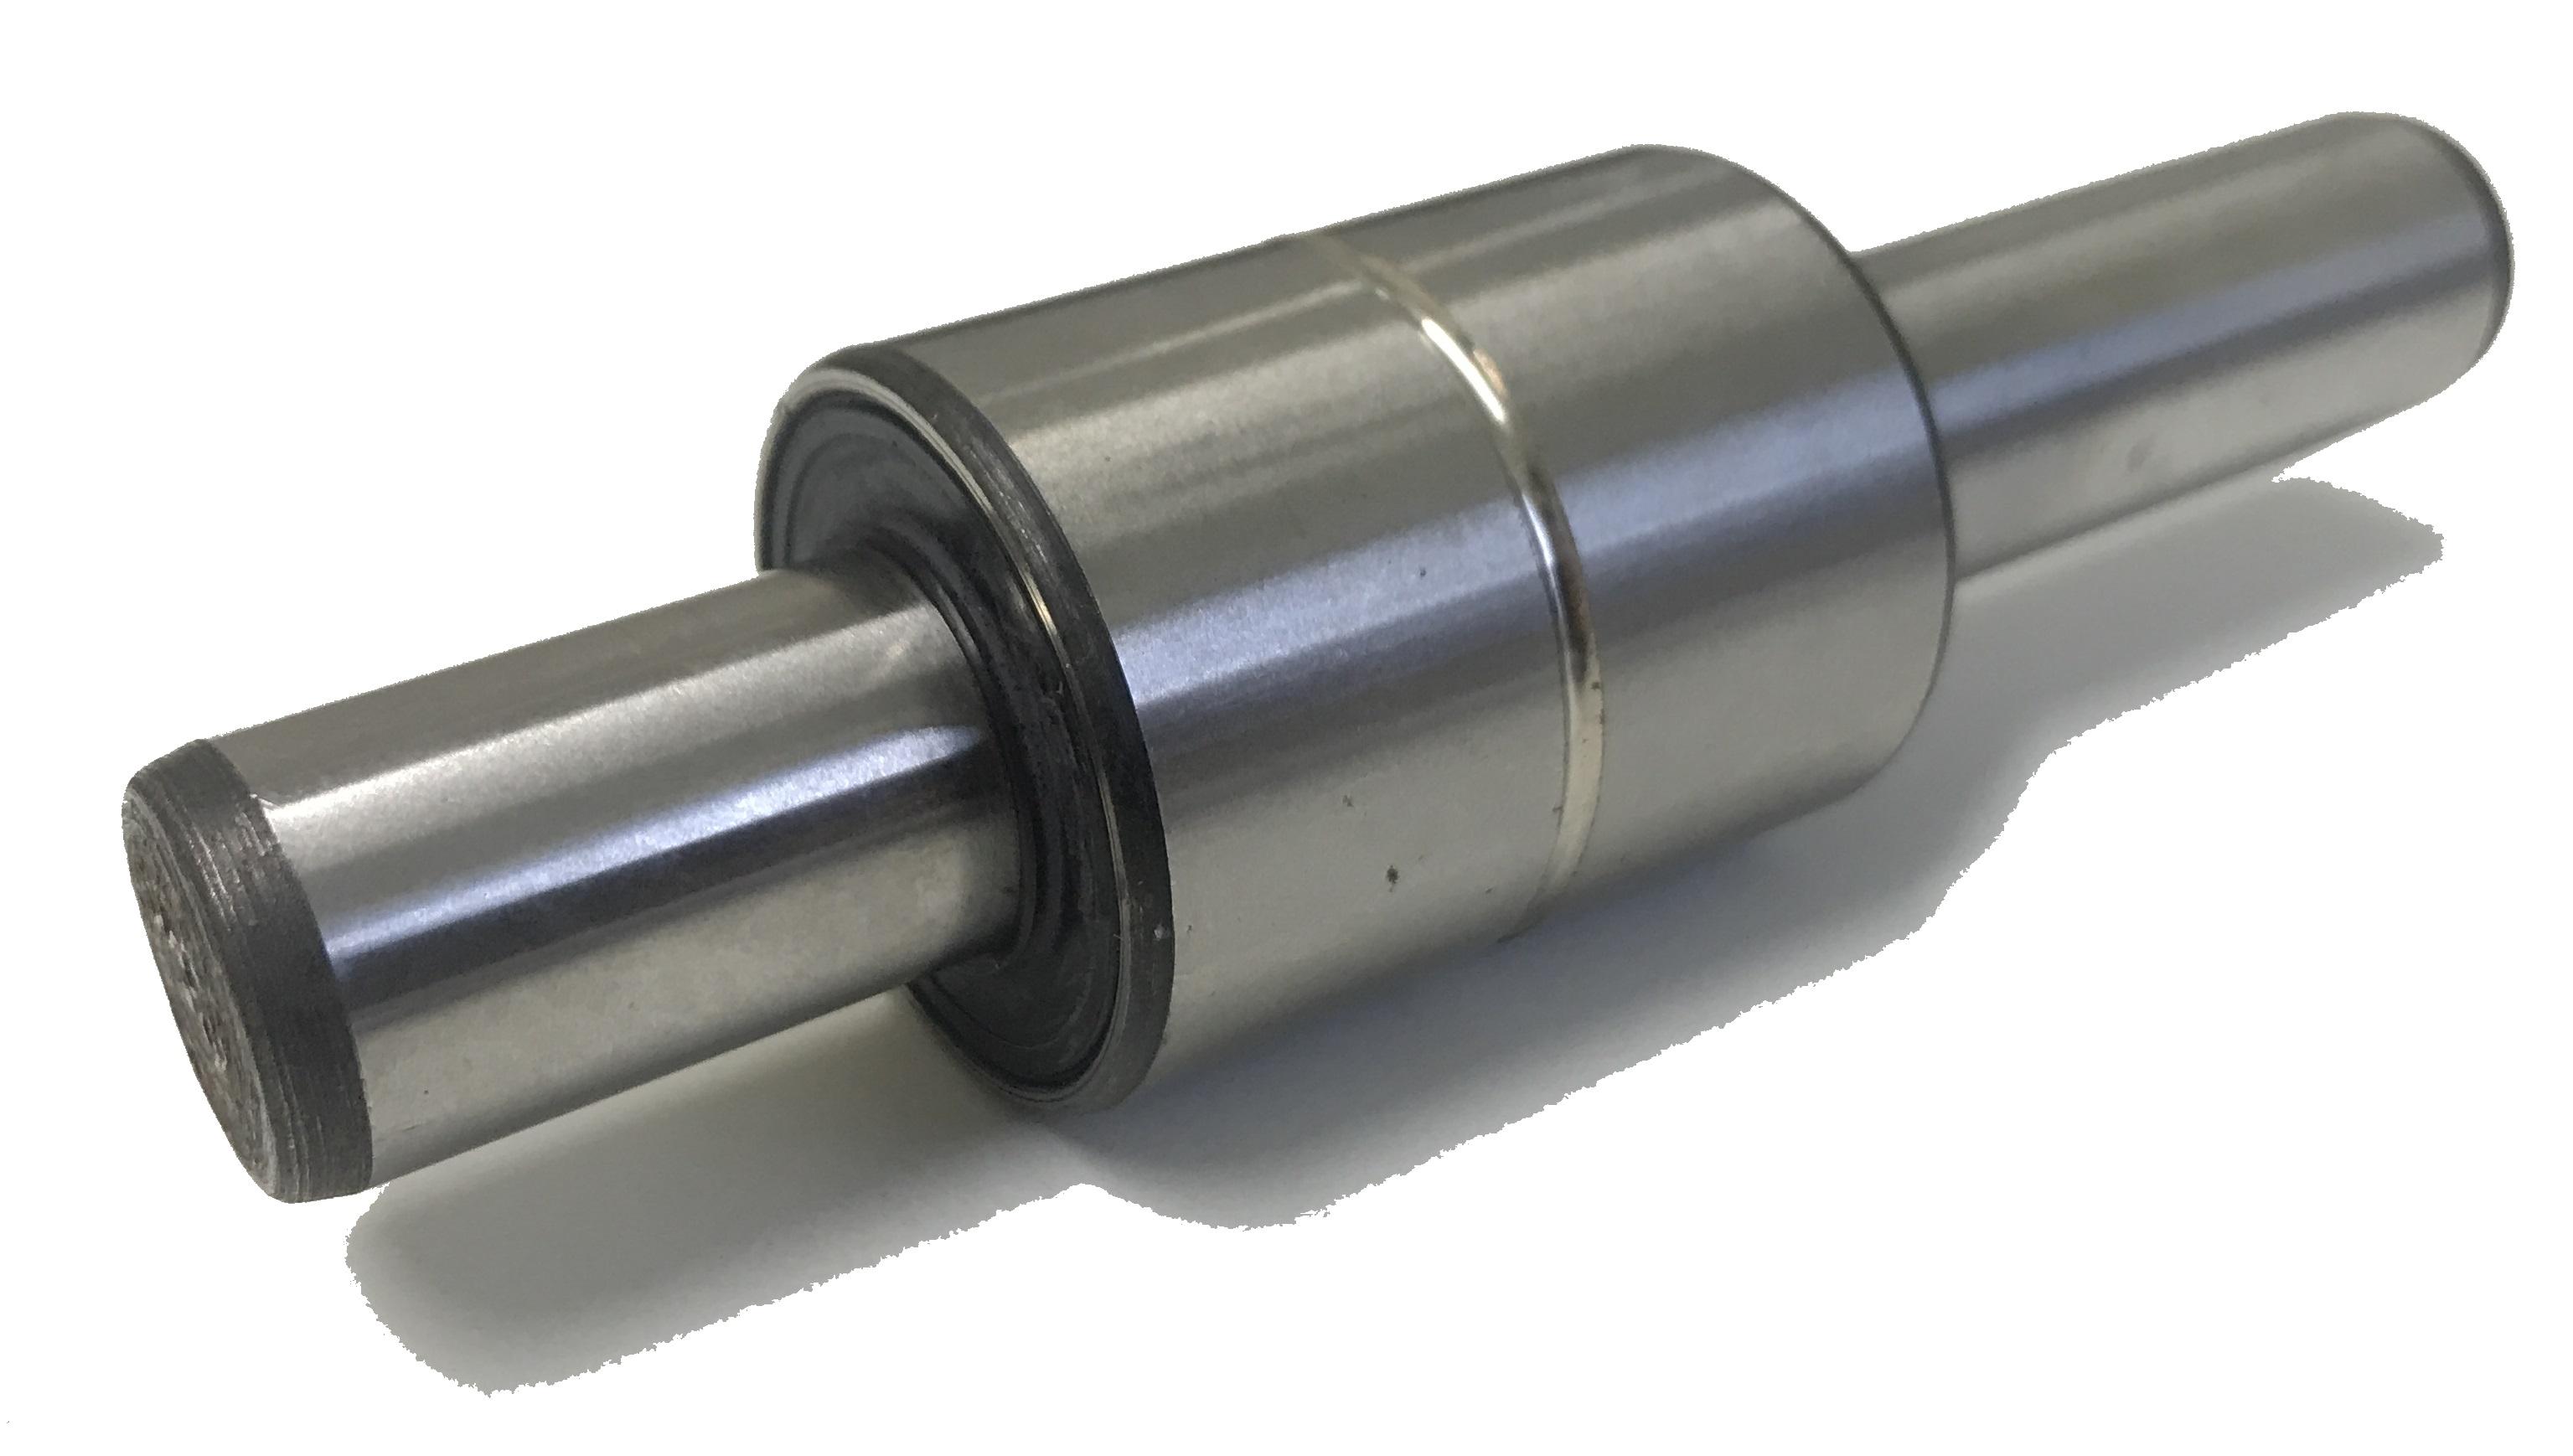 Rep. axel med lager cirkulationspump B30